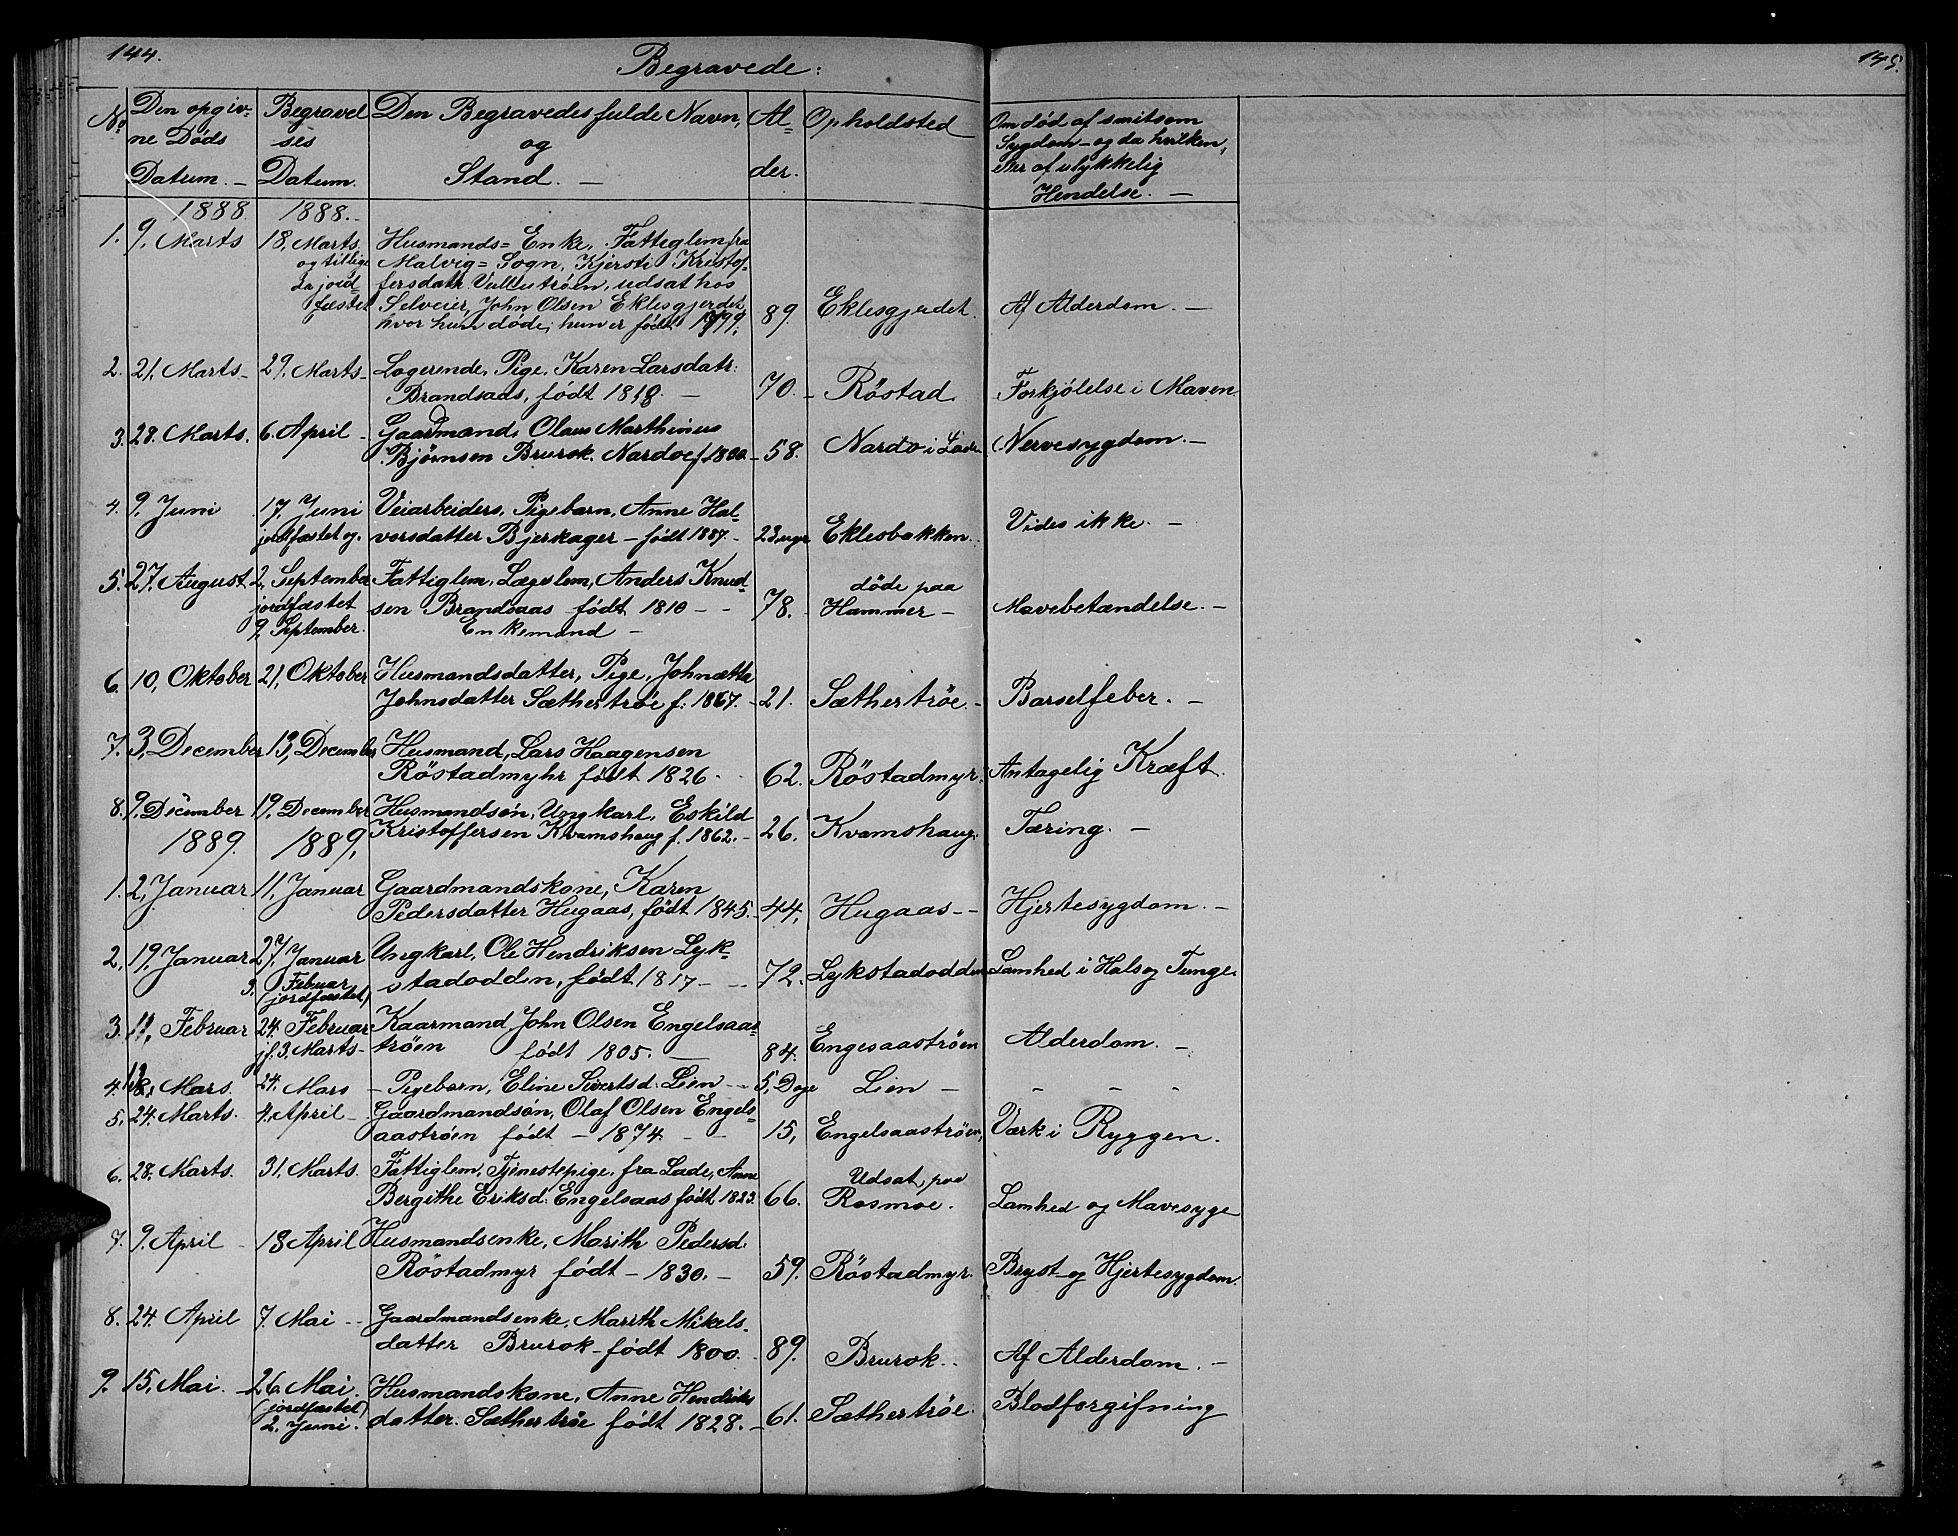 SAT, Ministerialprotokoller, klokkerbøker og fødselsregistre - Sør-Trøndelag, 608/L0340: Klokkerbok nr. 608C06, 1864-1889, s. 144-145